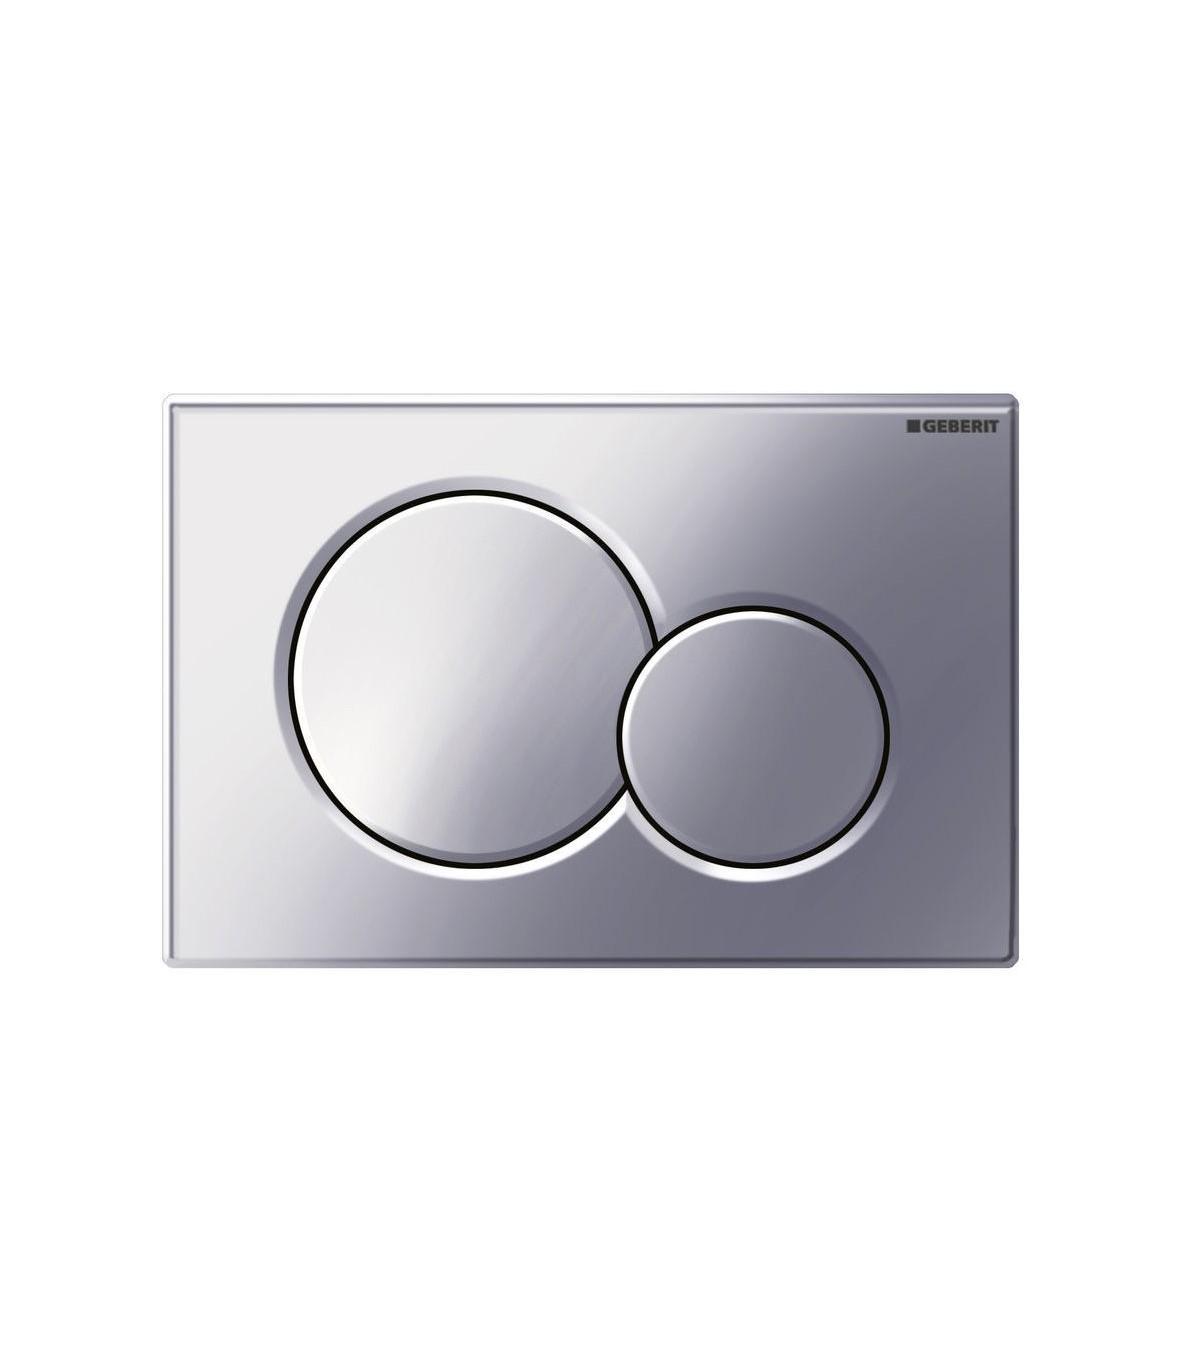 Altezza Placca Wc techno bravo wc con trituratore incorporato